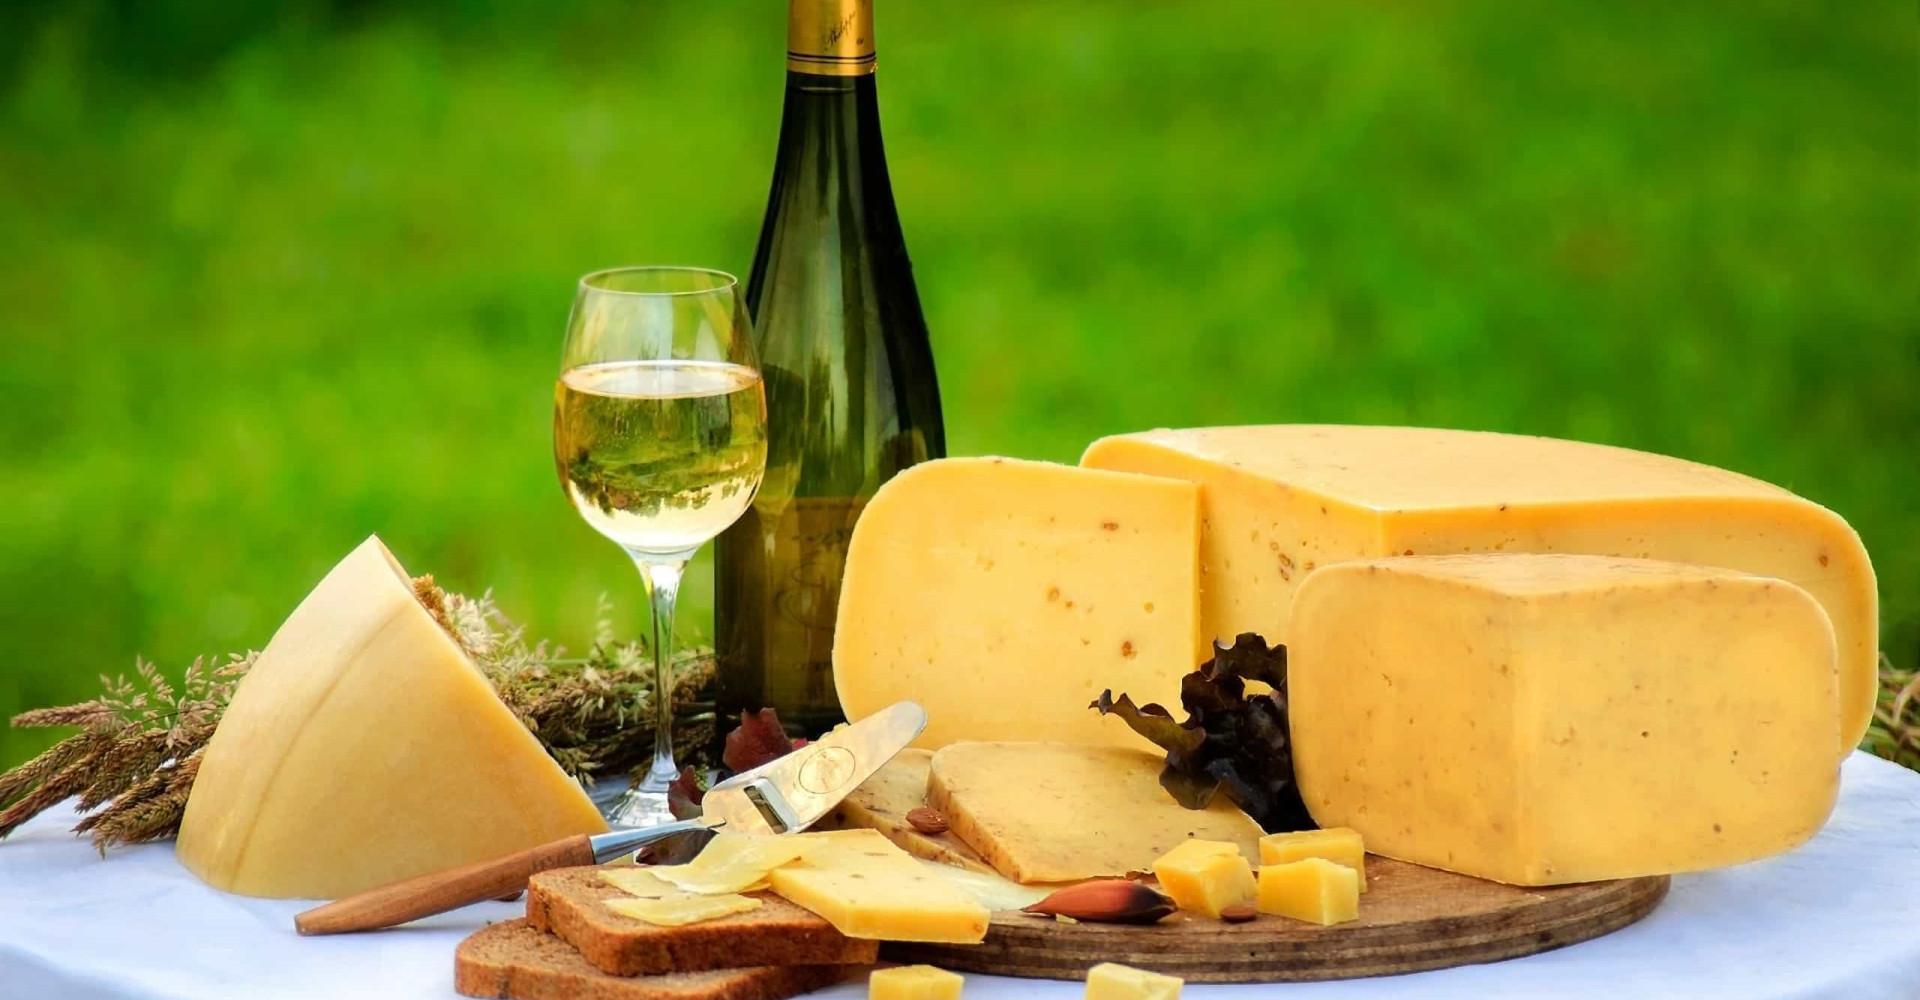 De Nederlandse wijnbouw is aan het floreren